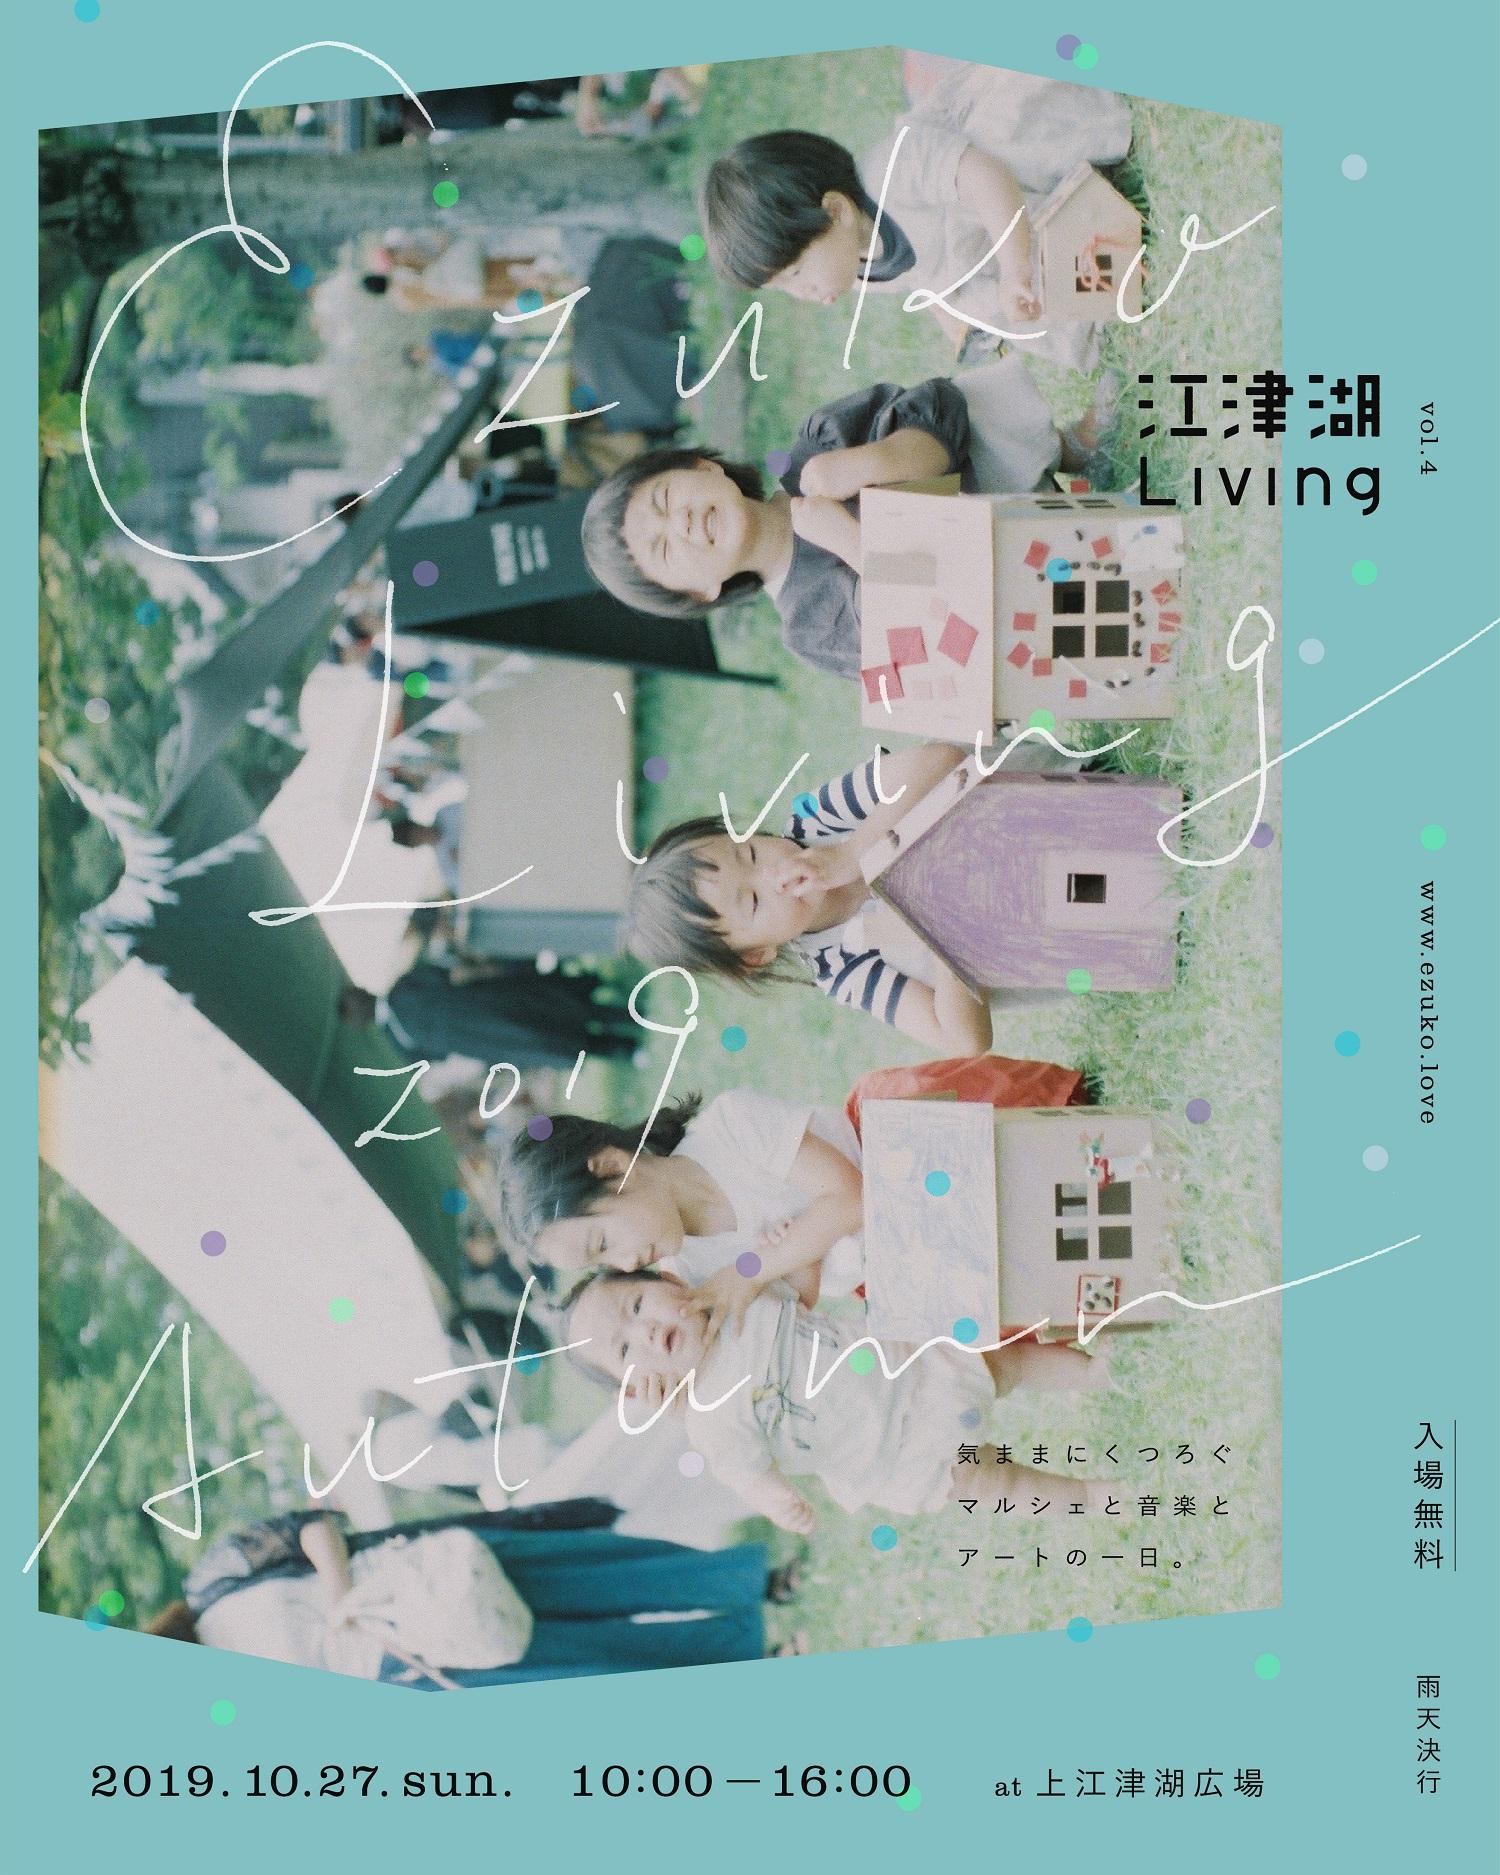 江津湖Livingチラシ1